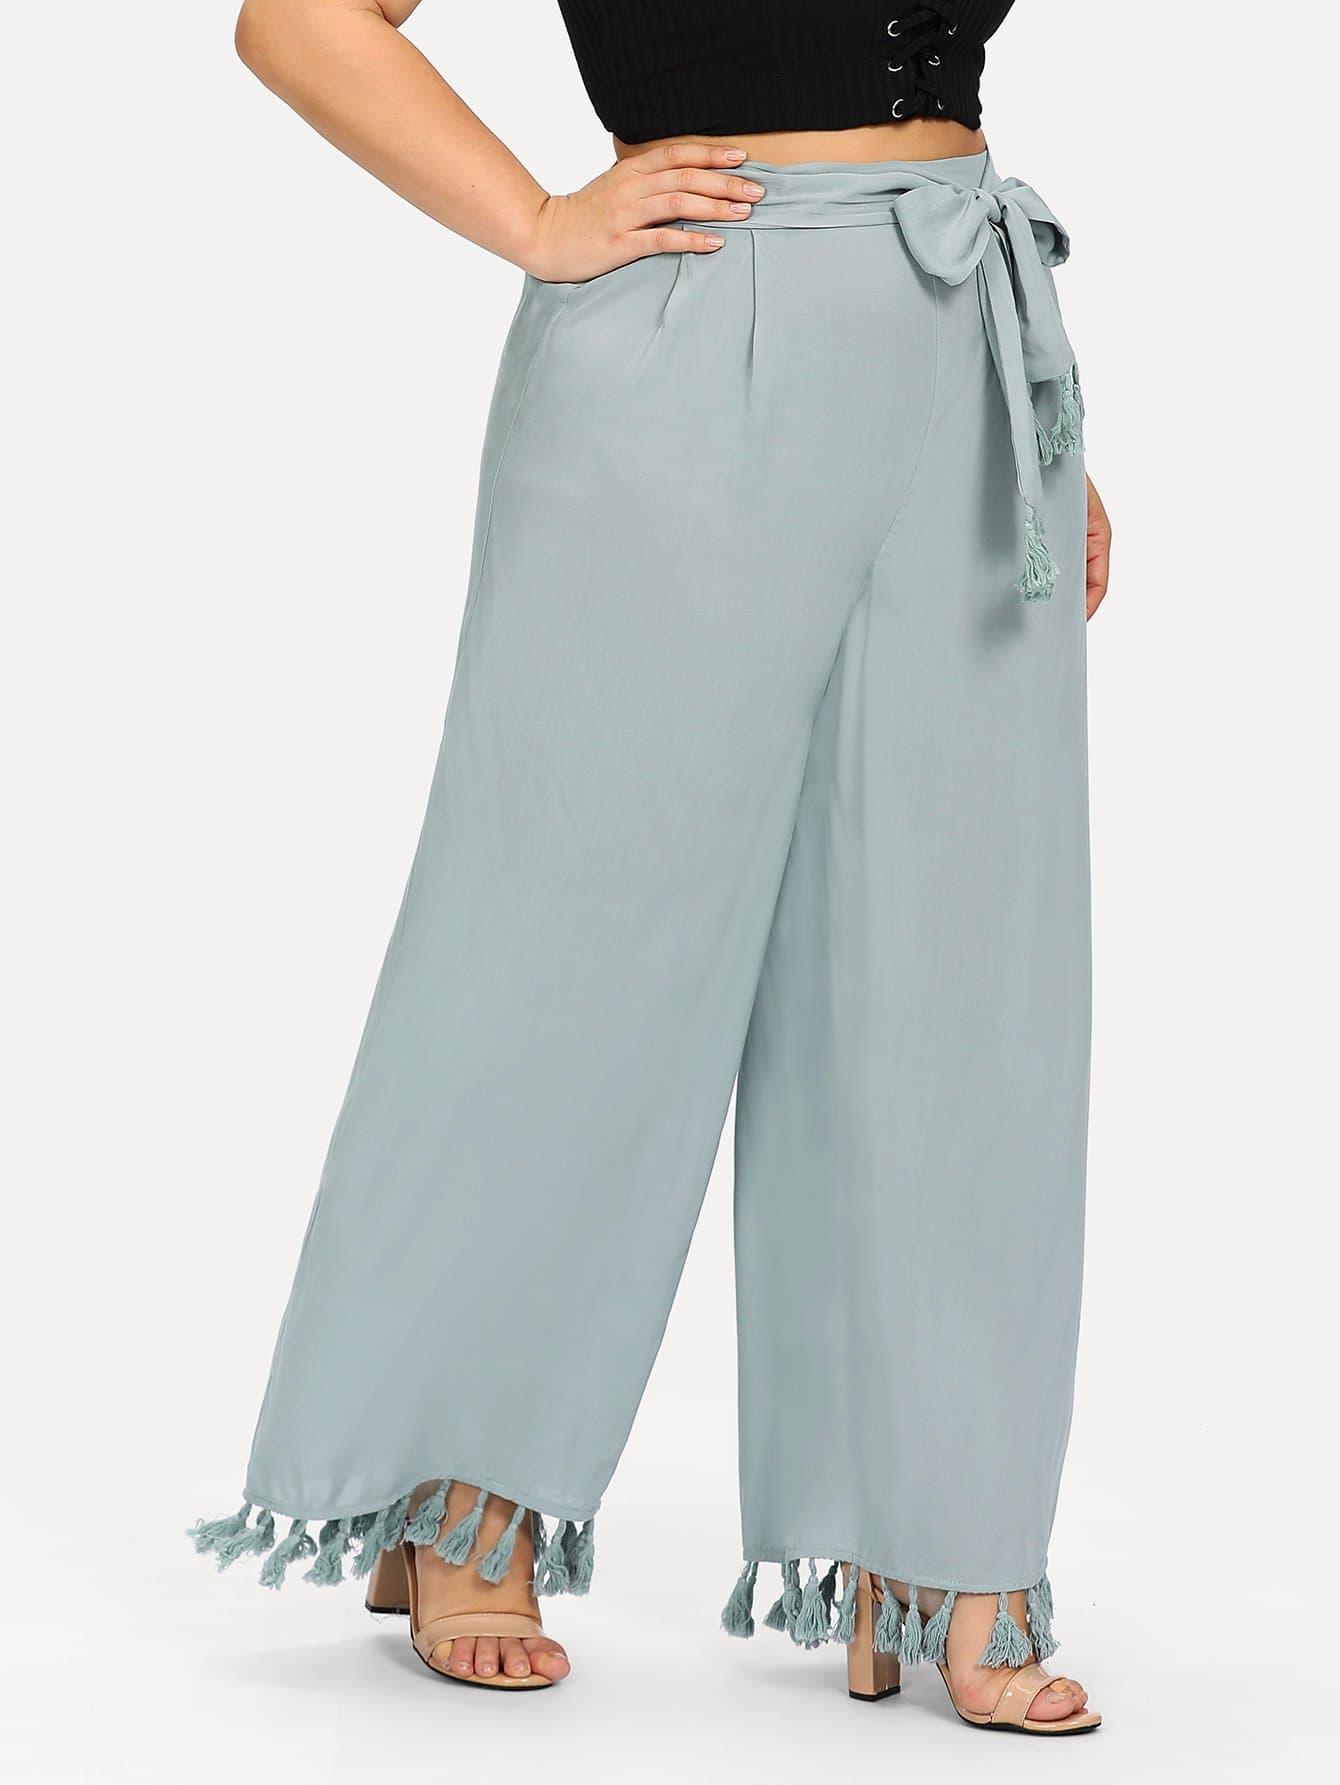 Купить Широкие брюки с кисточками, Franziska, SheIn